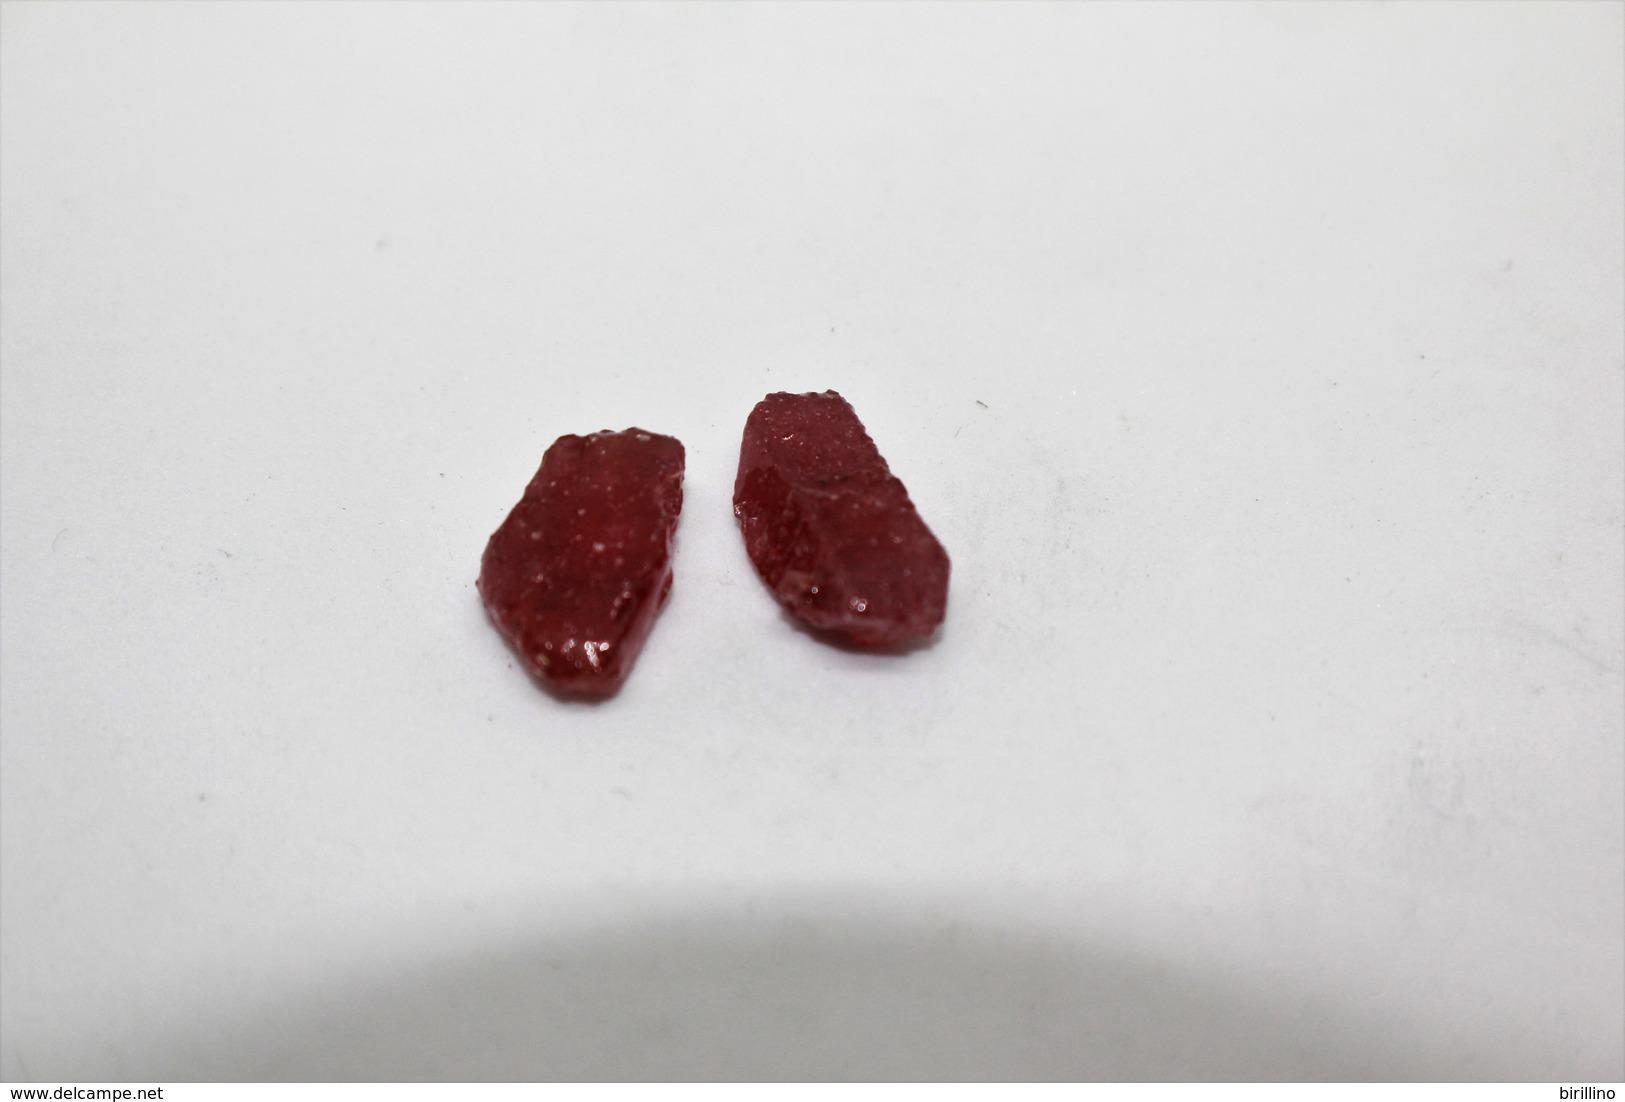 776 - Rubino (2 Pezzi) Ct. 16.07 - Provenienza Madagascar - Rubino